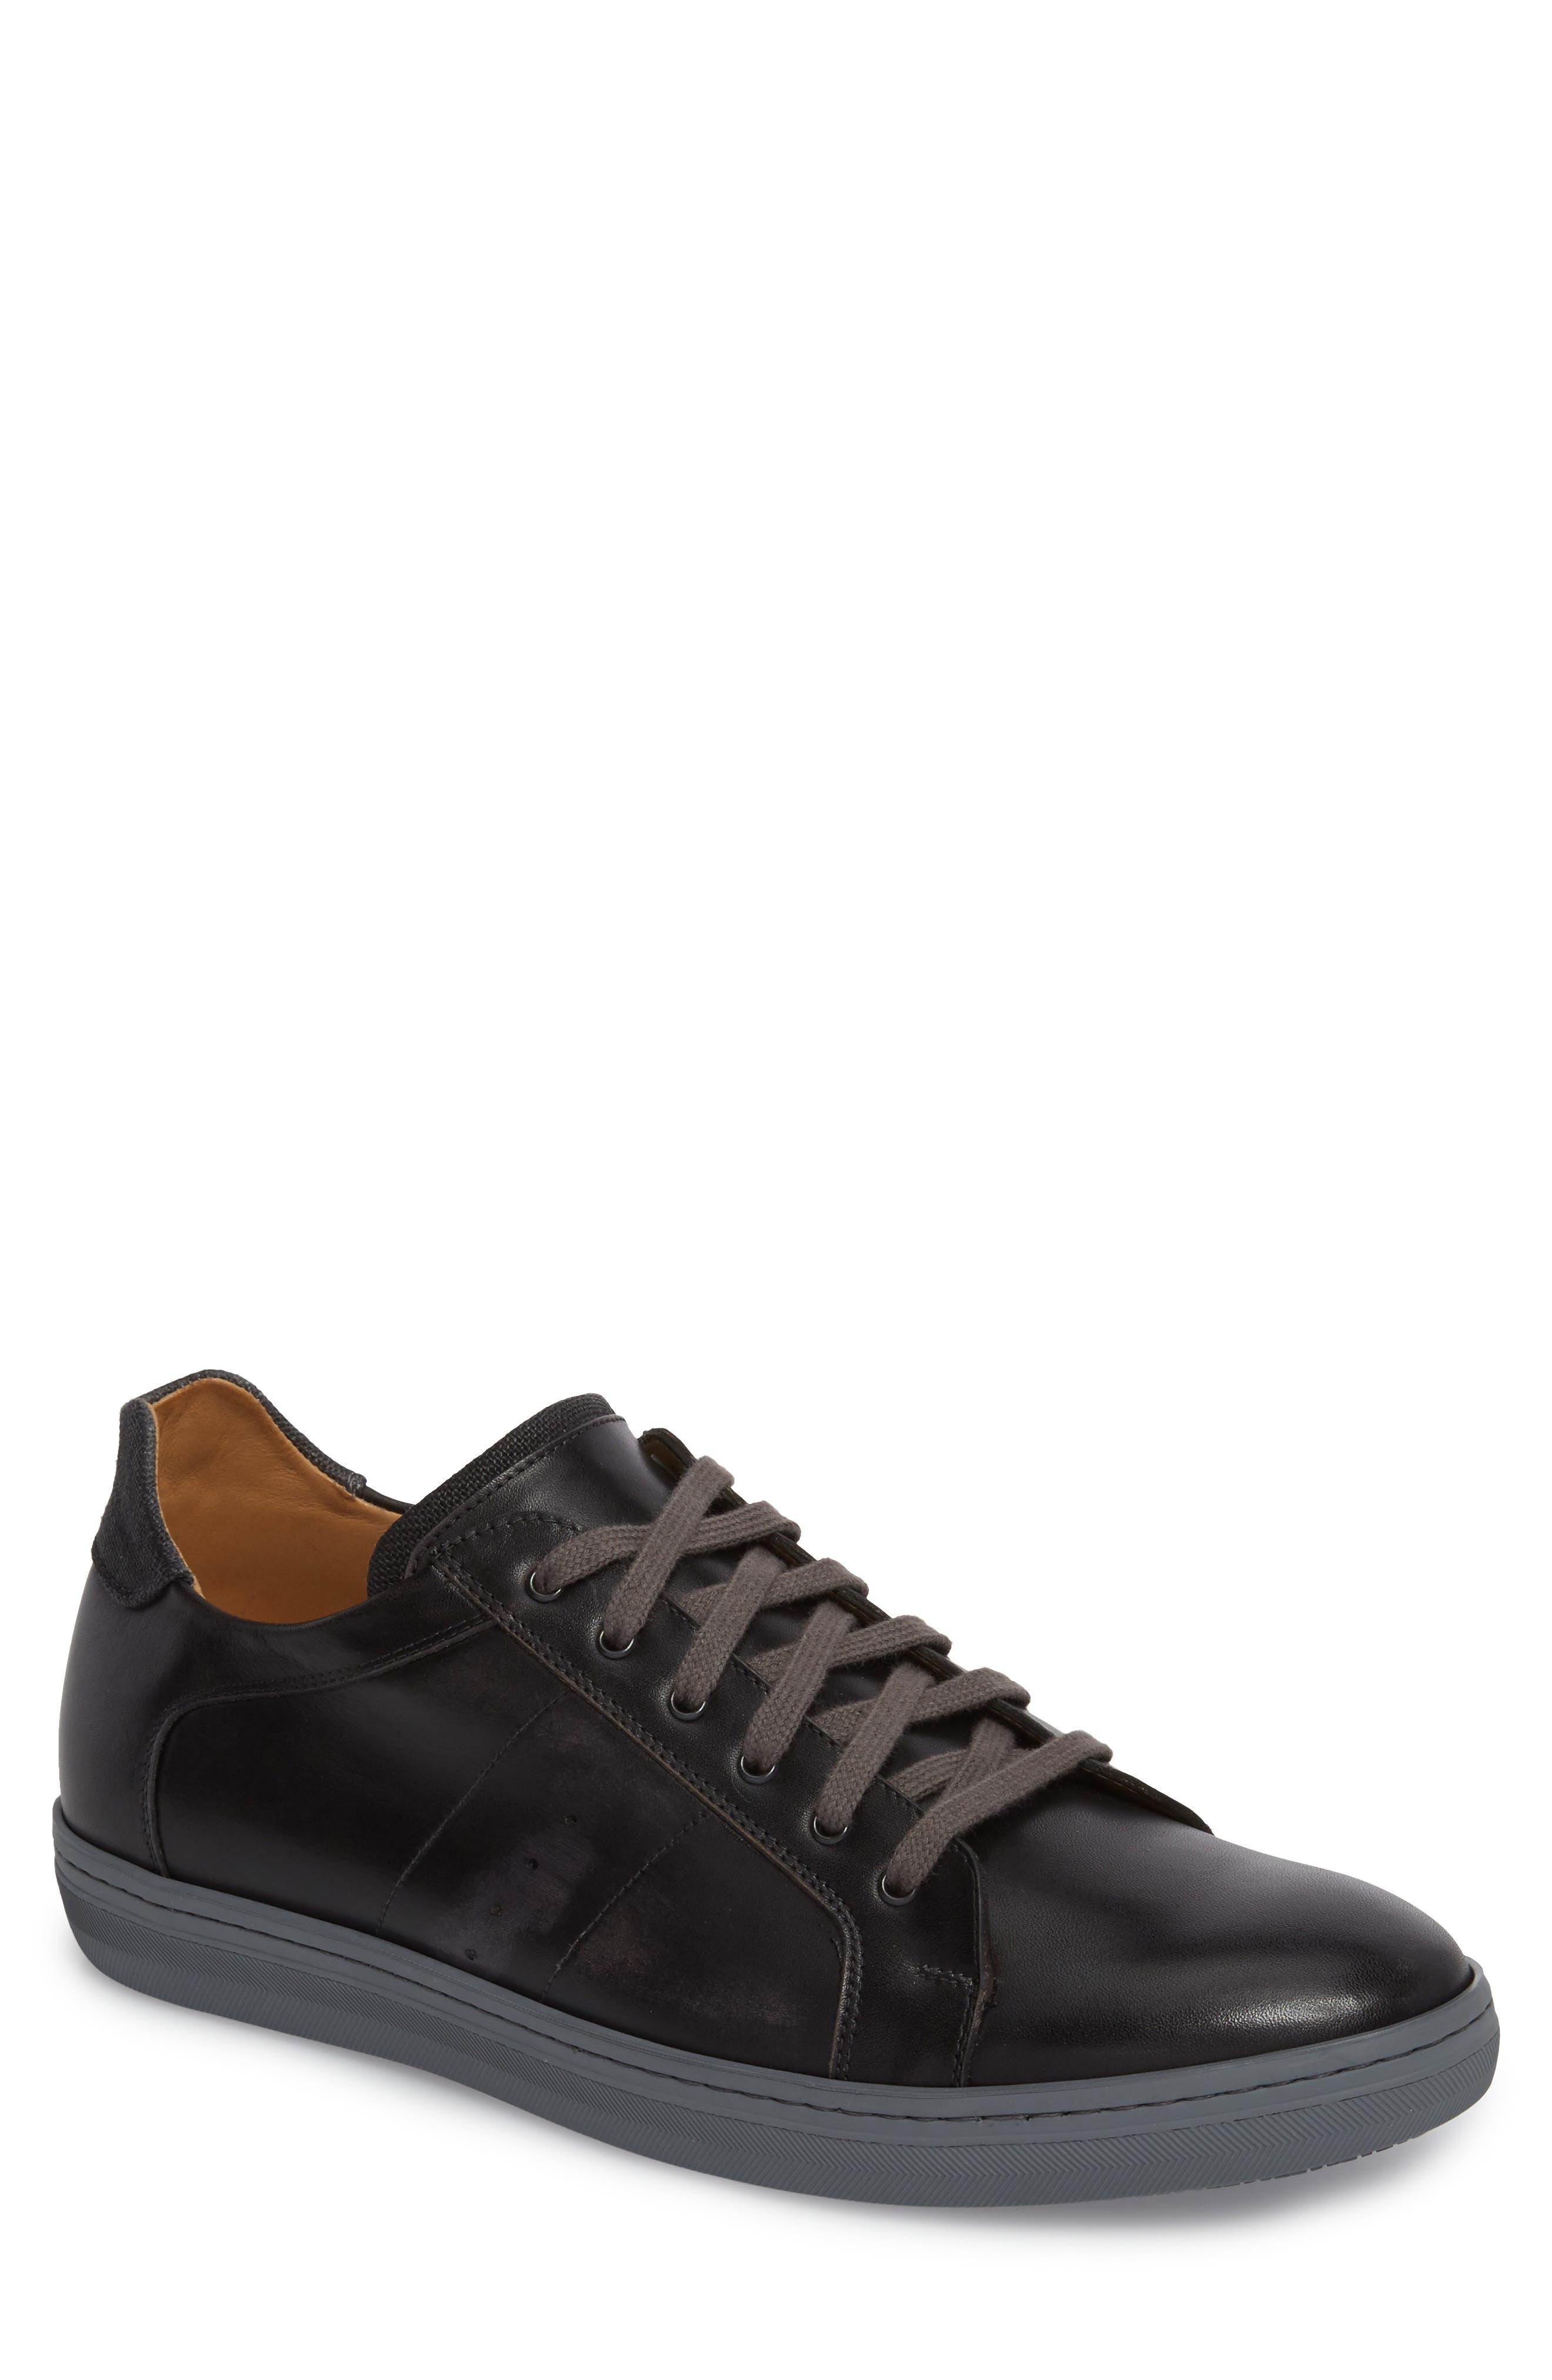 Mezlan Cuzco Sneaker, Black